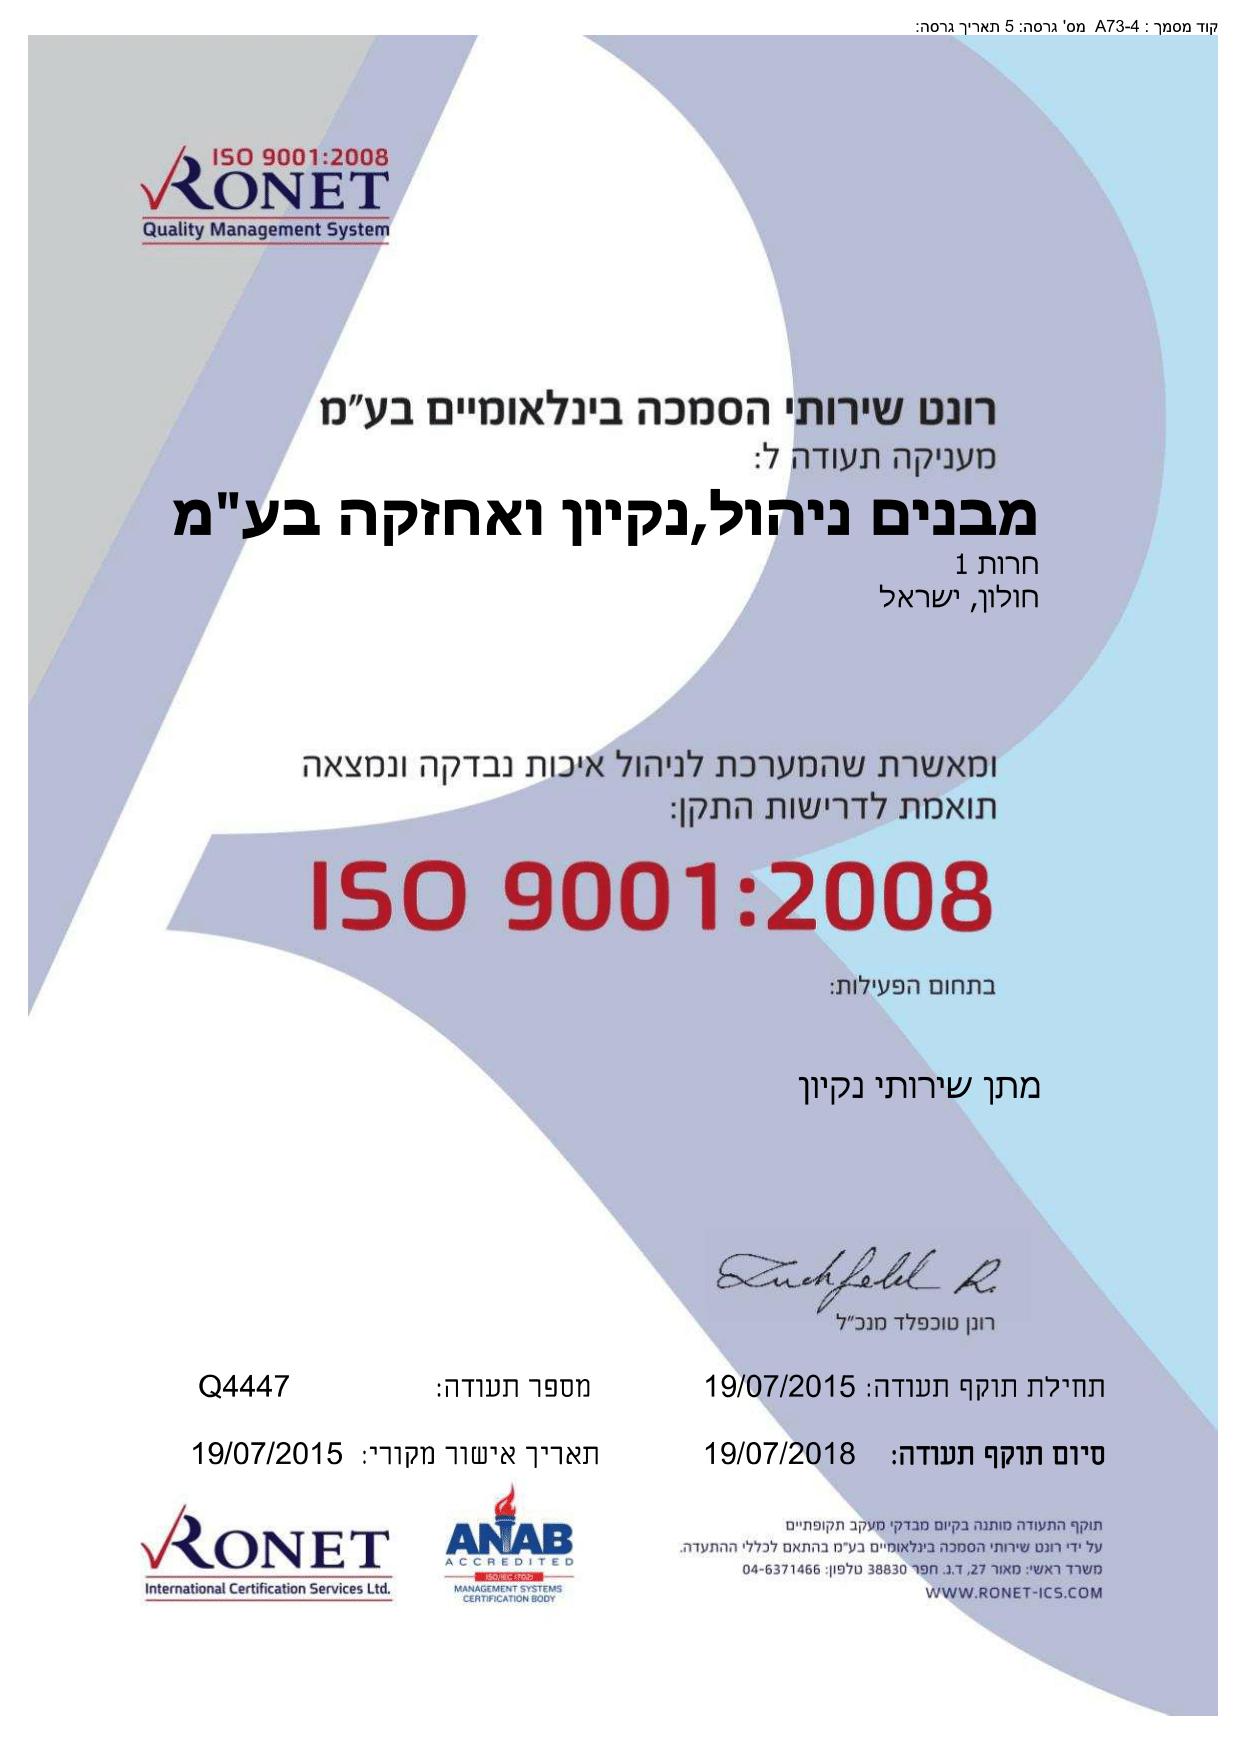 תעודת תקן מרונט שירותי הסמכה בינלאומיים